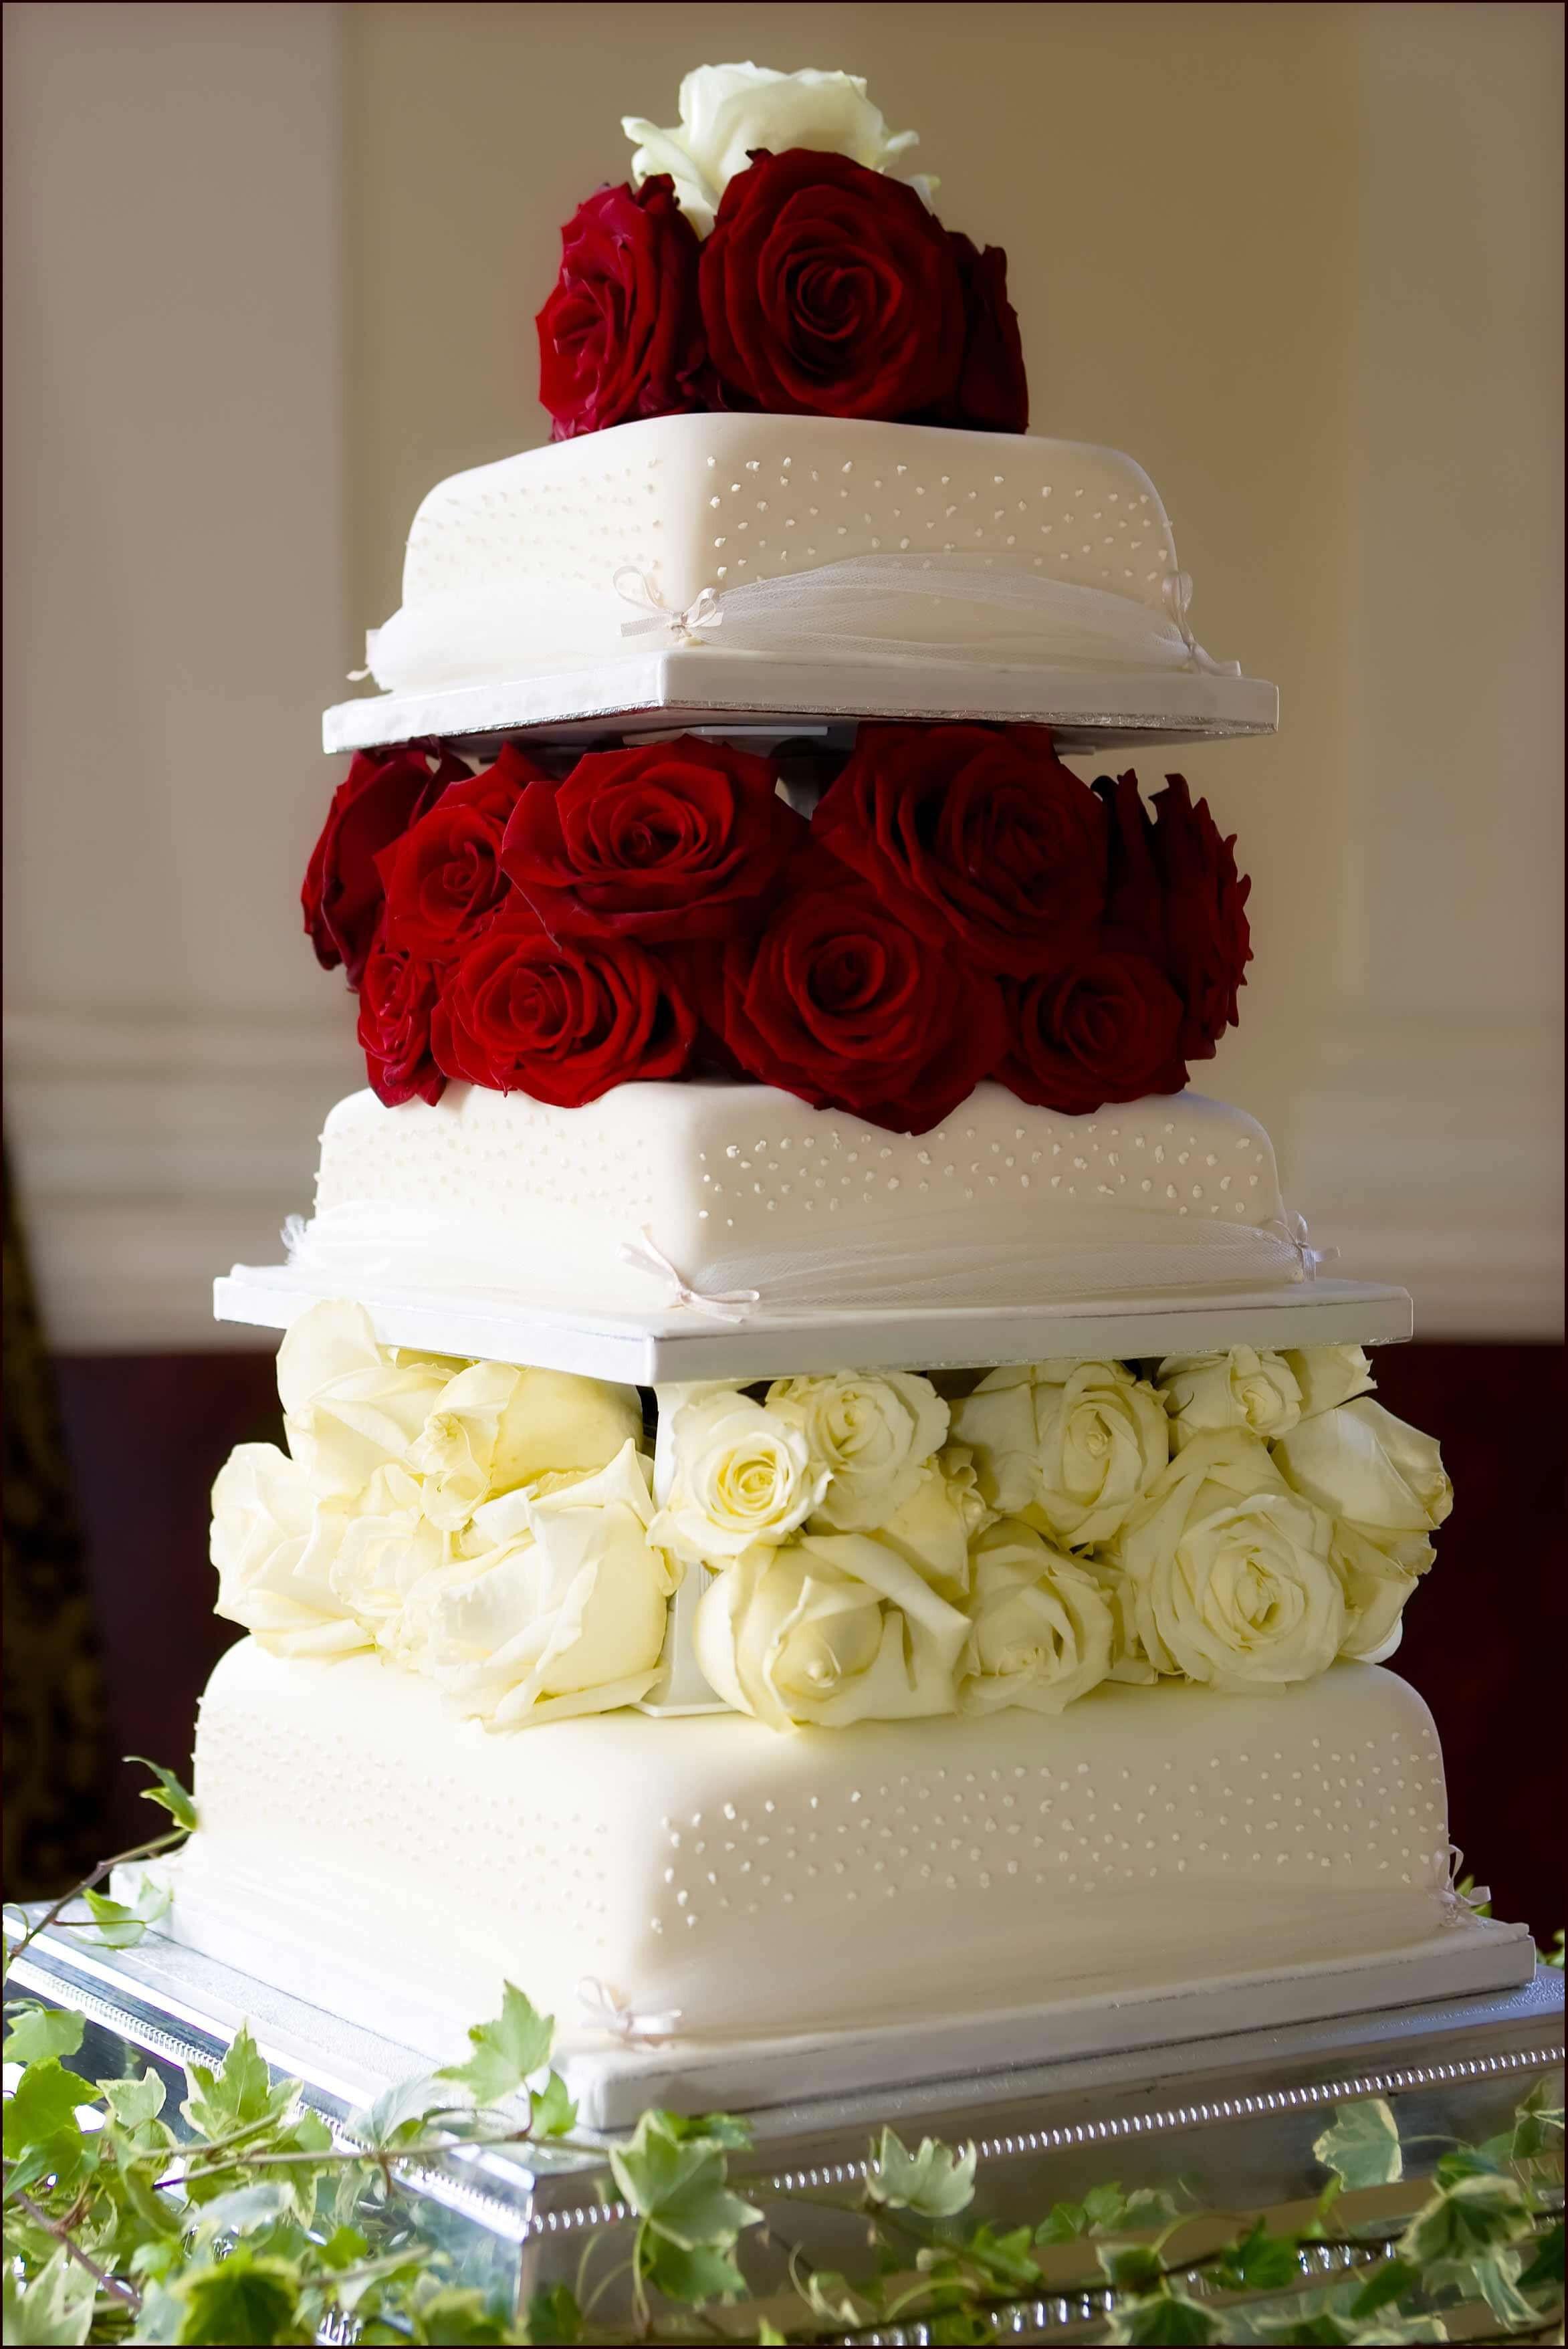 Hochzeitstorte Mit Rosen  Hochzeitstorte mit Rosen Bildergalerie Hochzeitsportal24